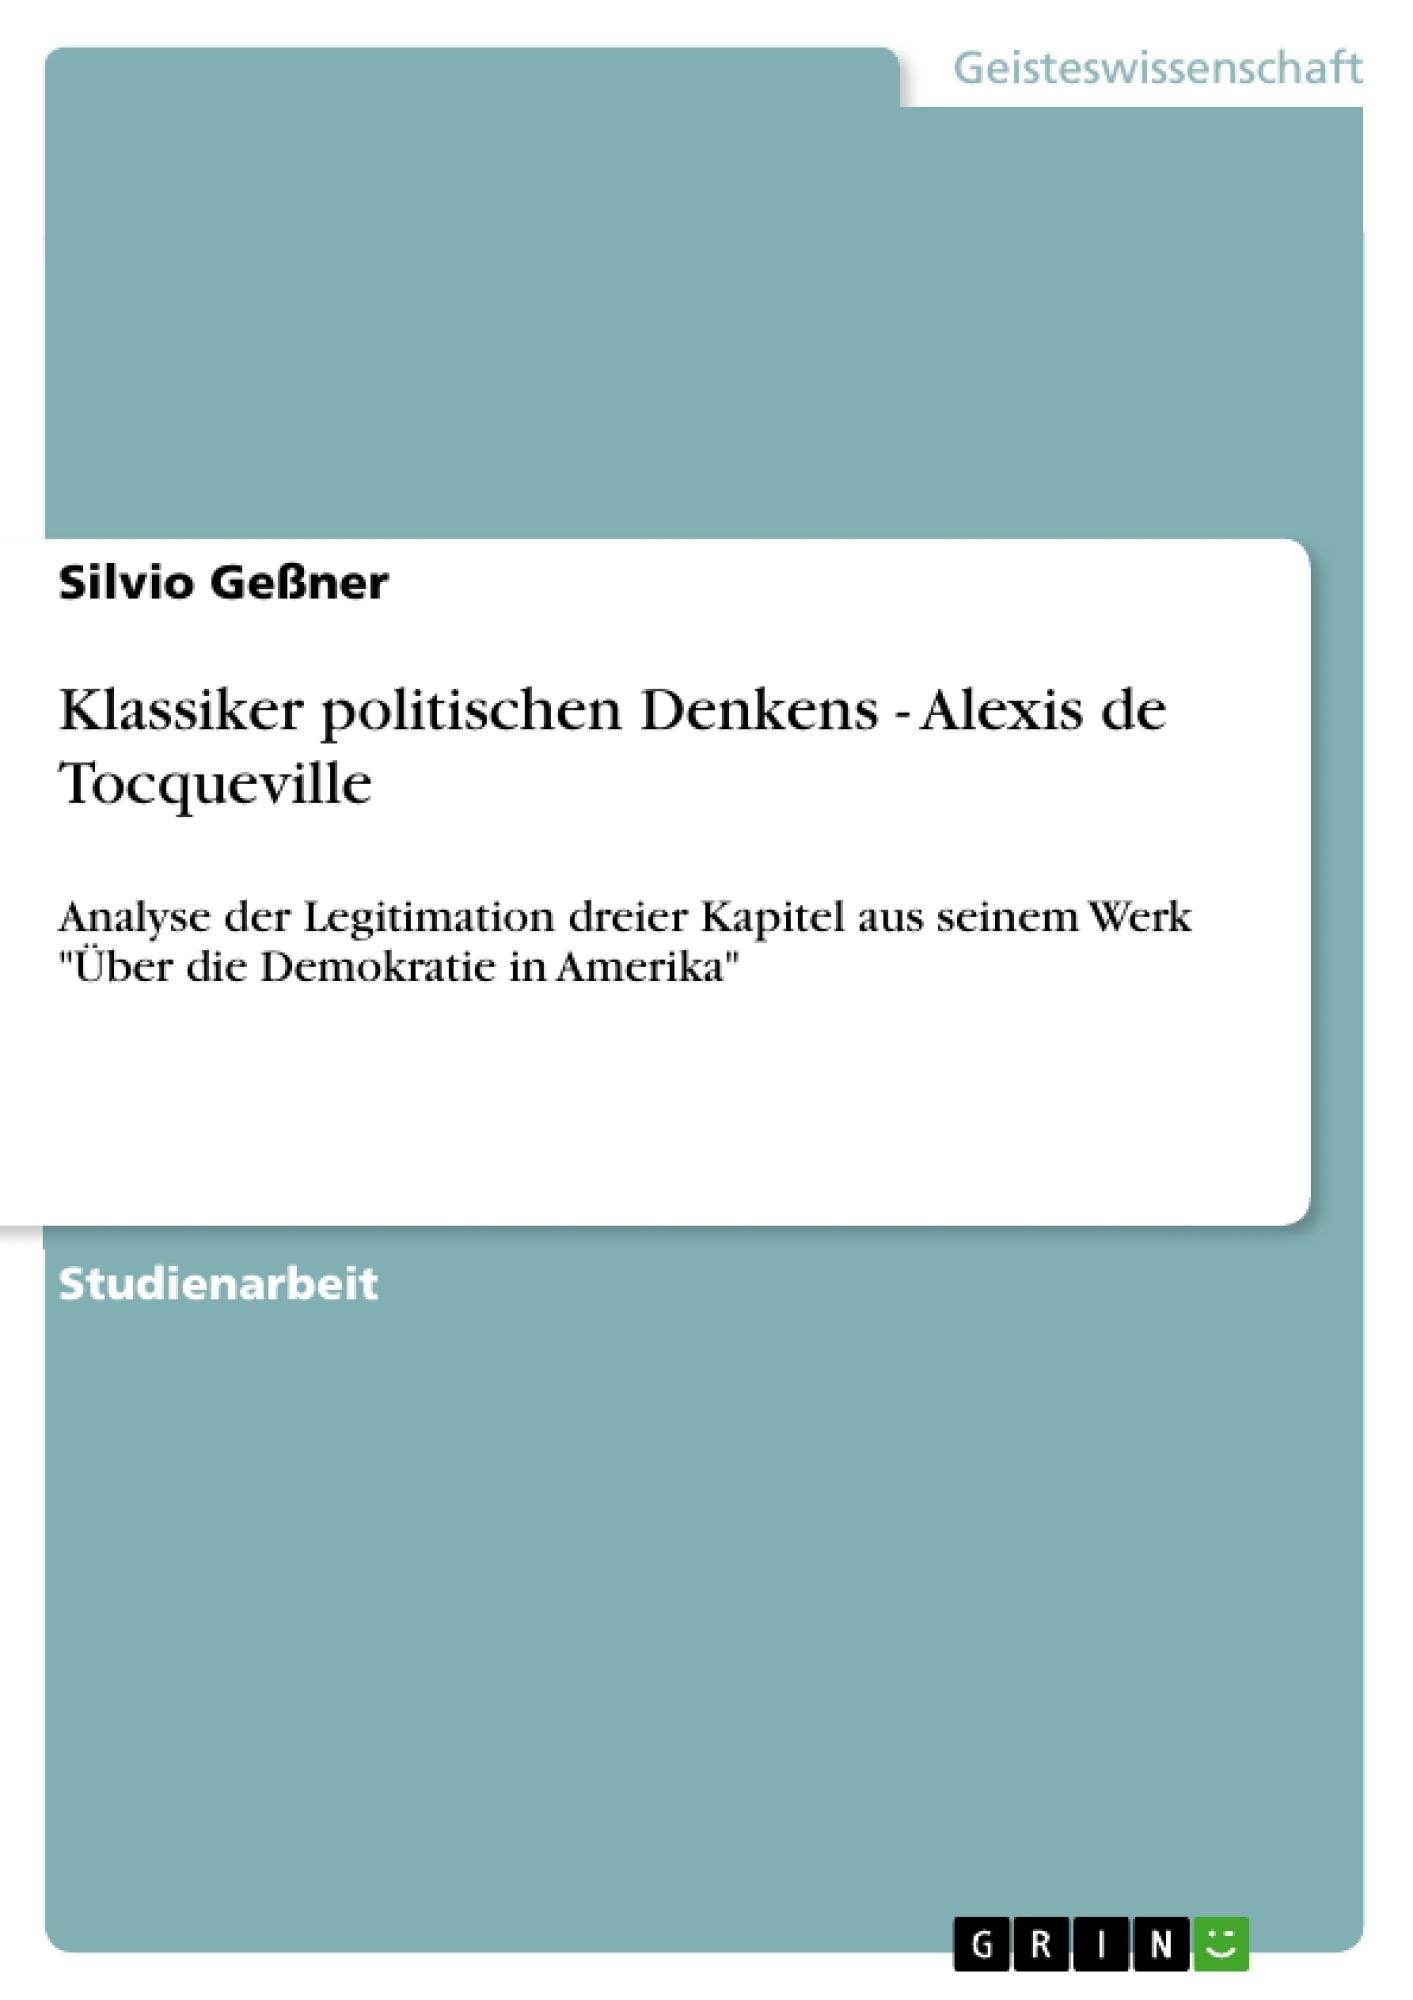 Titel: Klassiker politischen Denkens - Alexis de Tocqueville